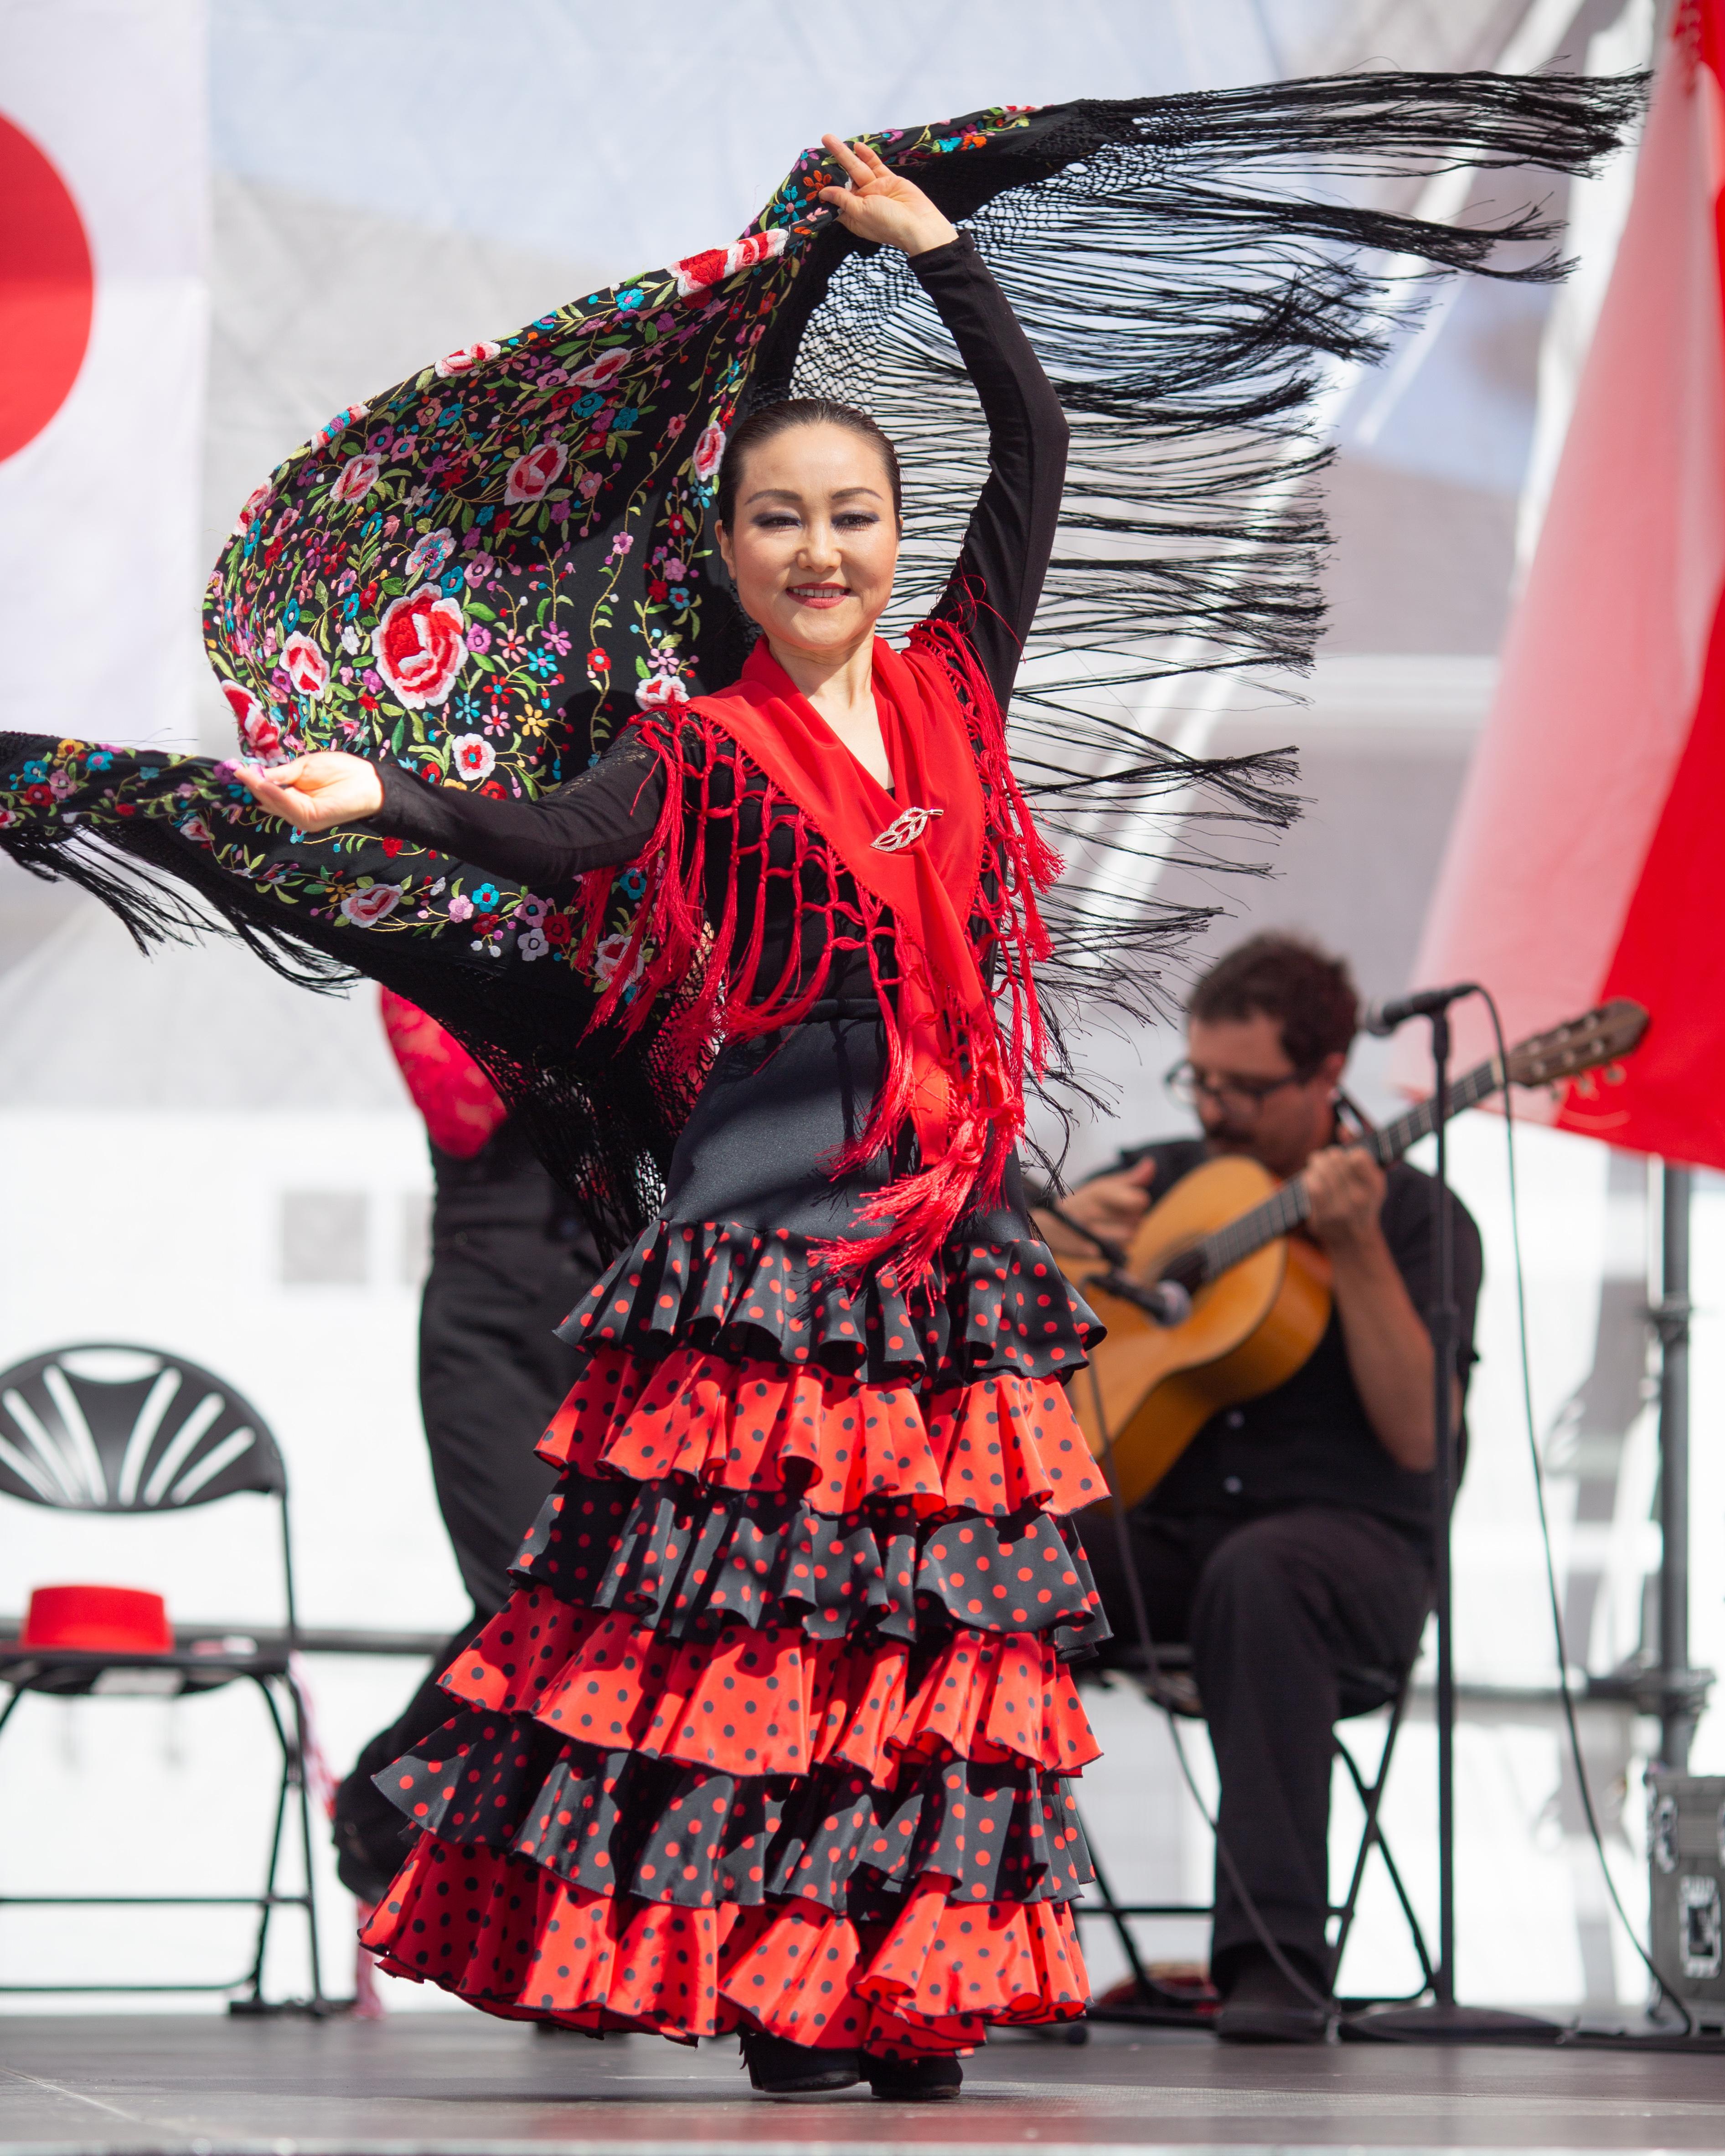 Matiz Flamenco